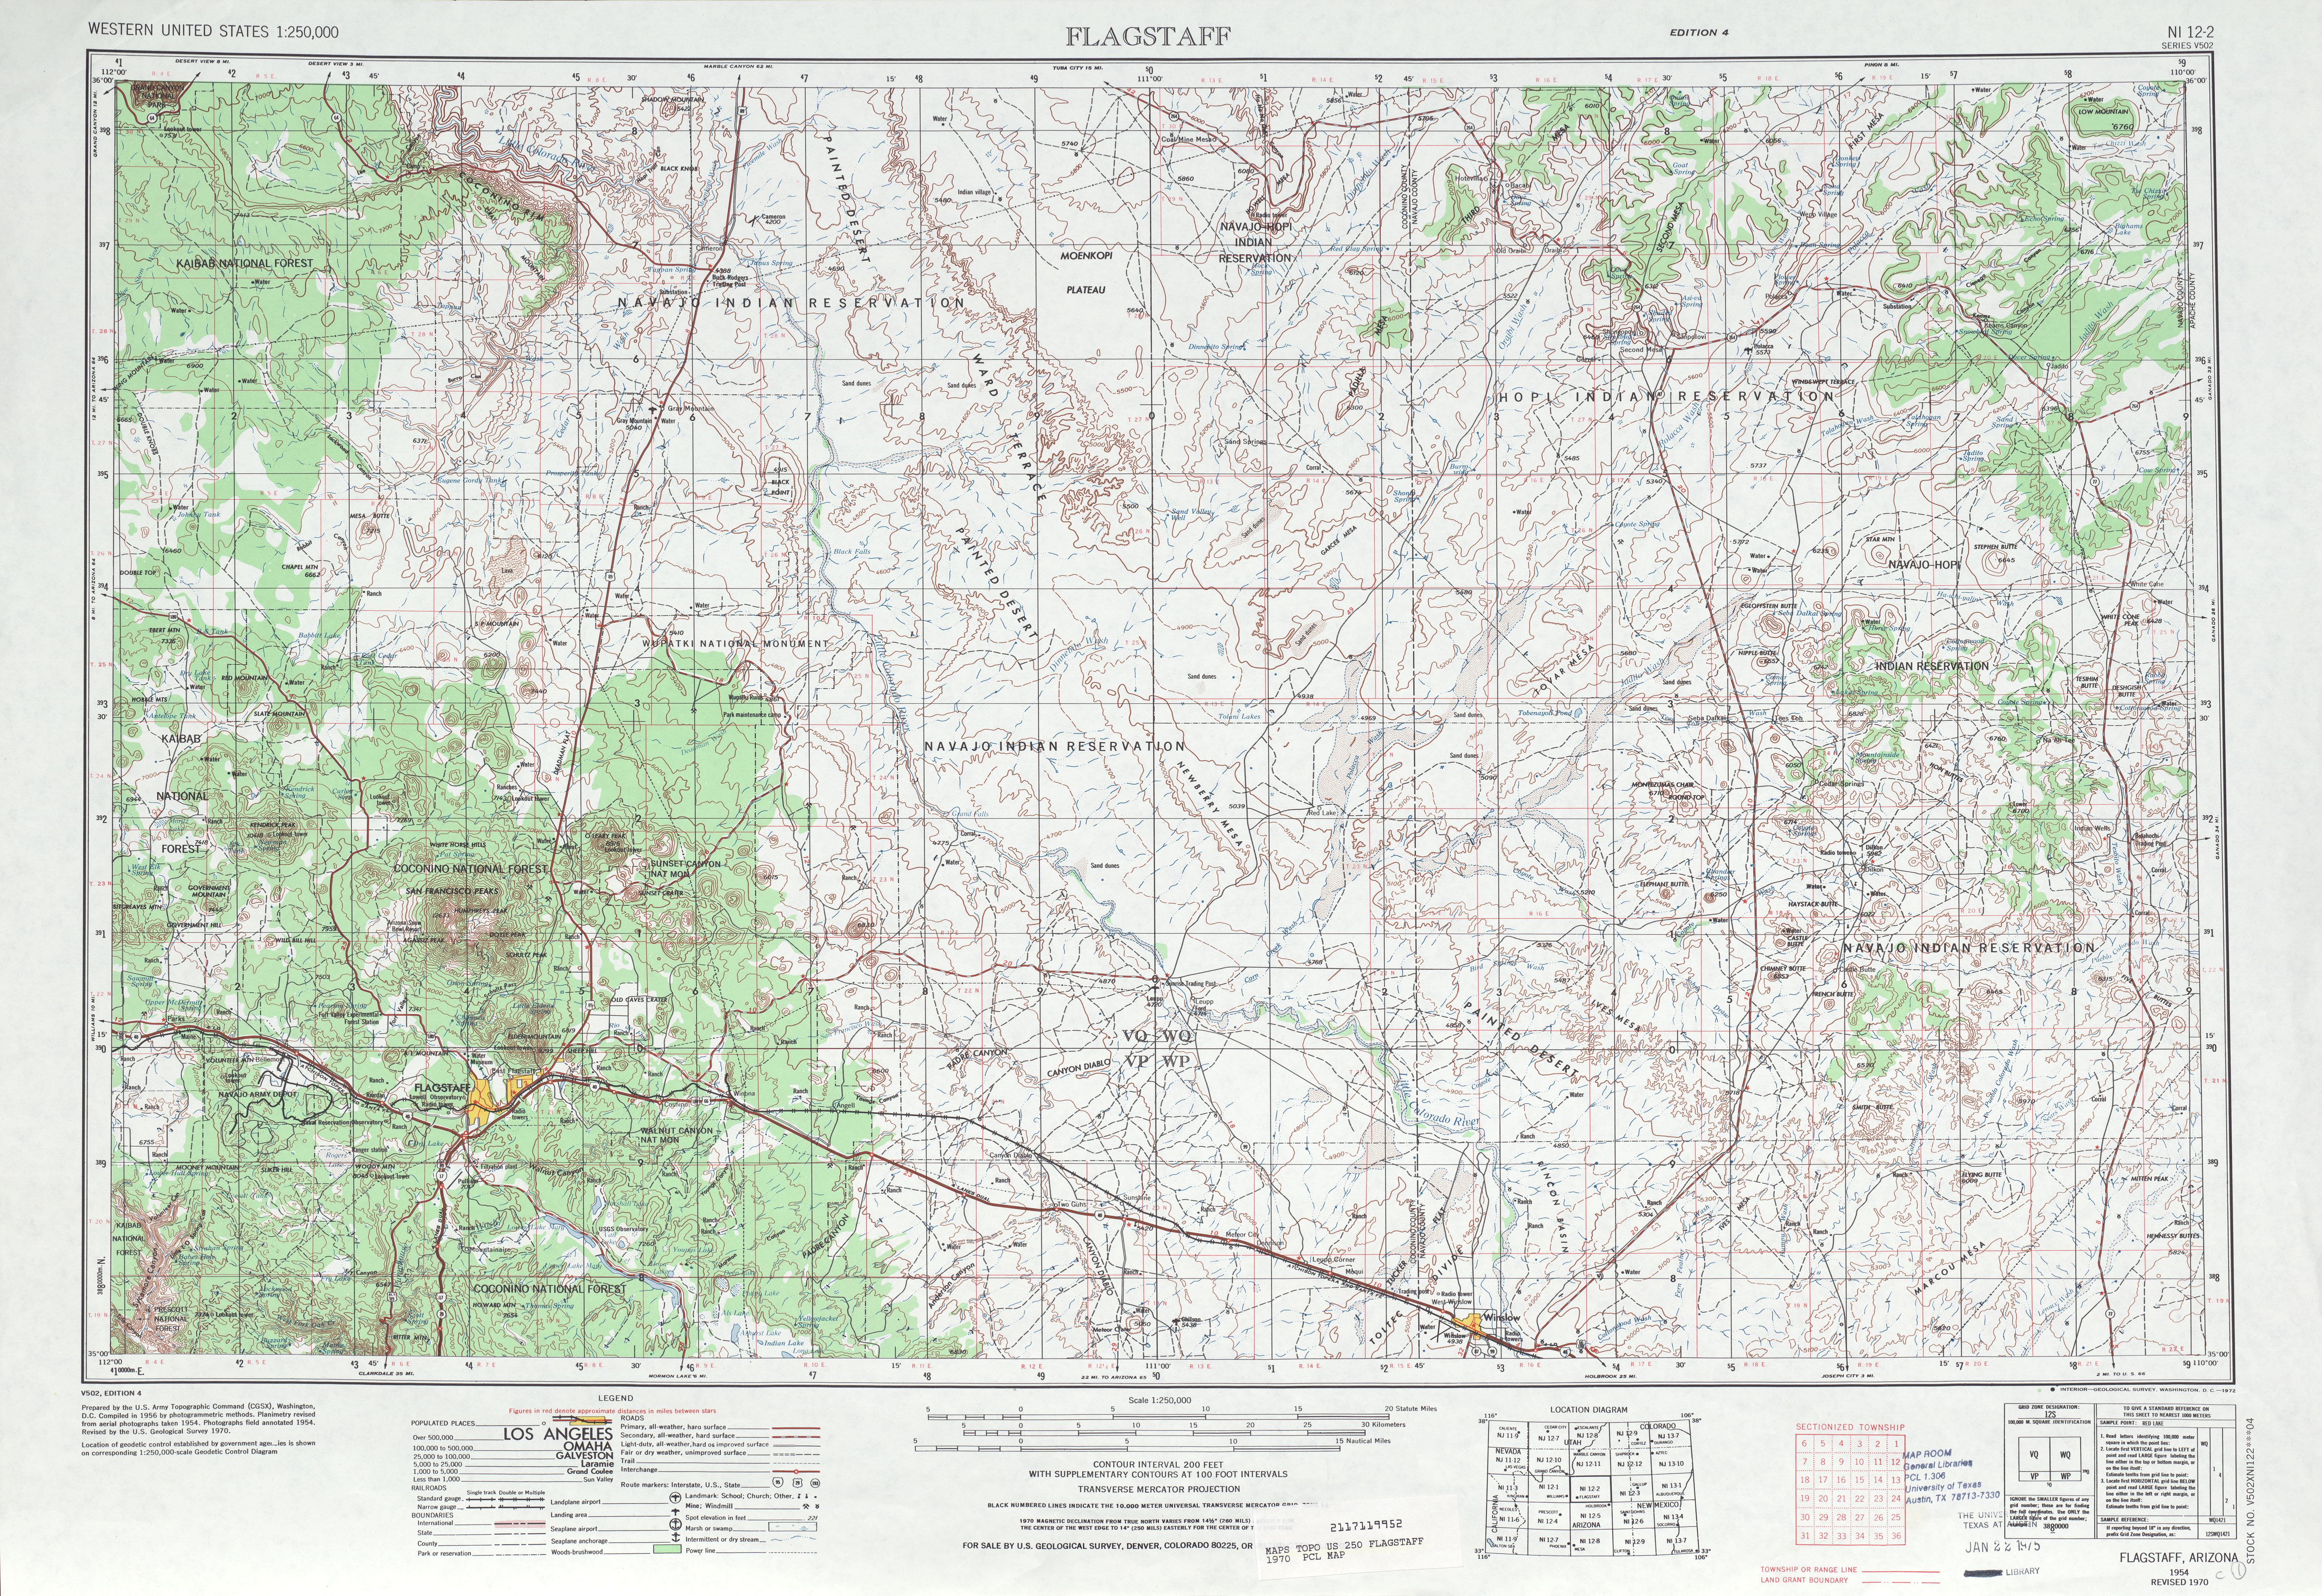 Hoja Flagstaff del Mapa Topográfico de los Estados Unidos 1970